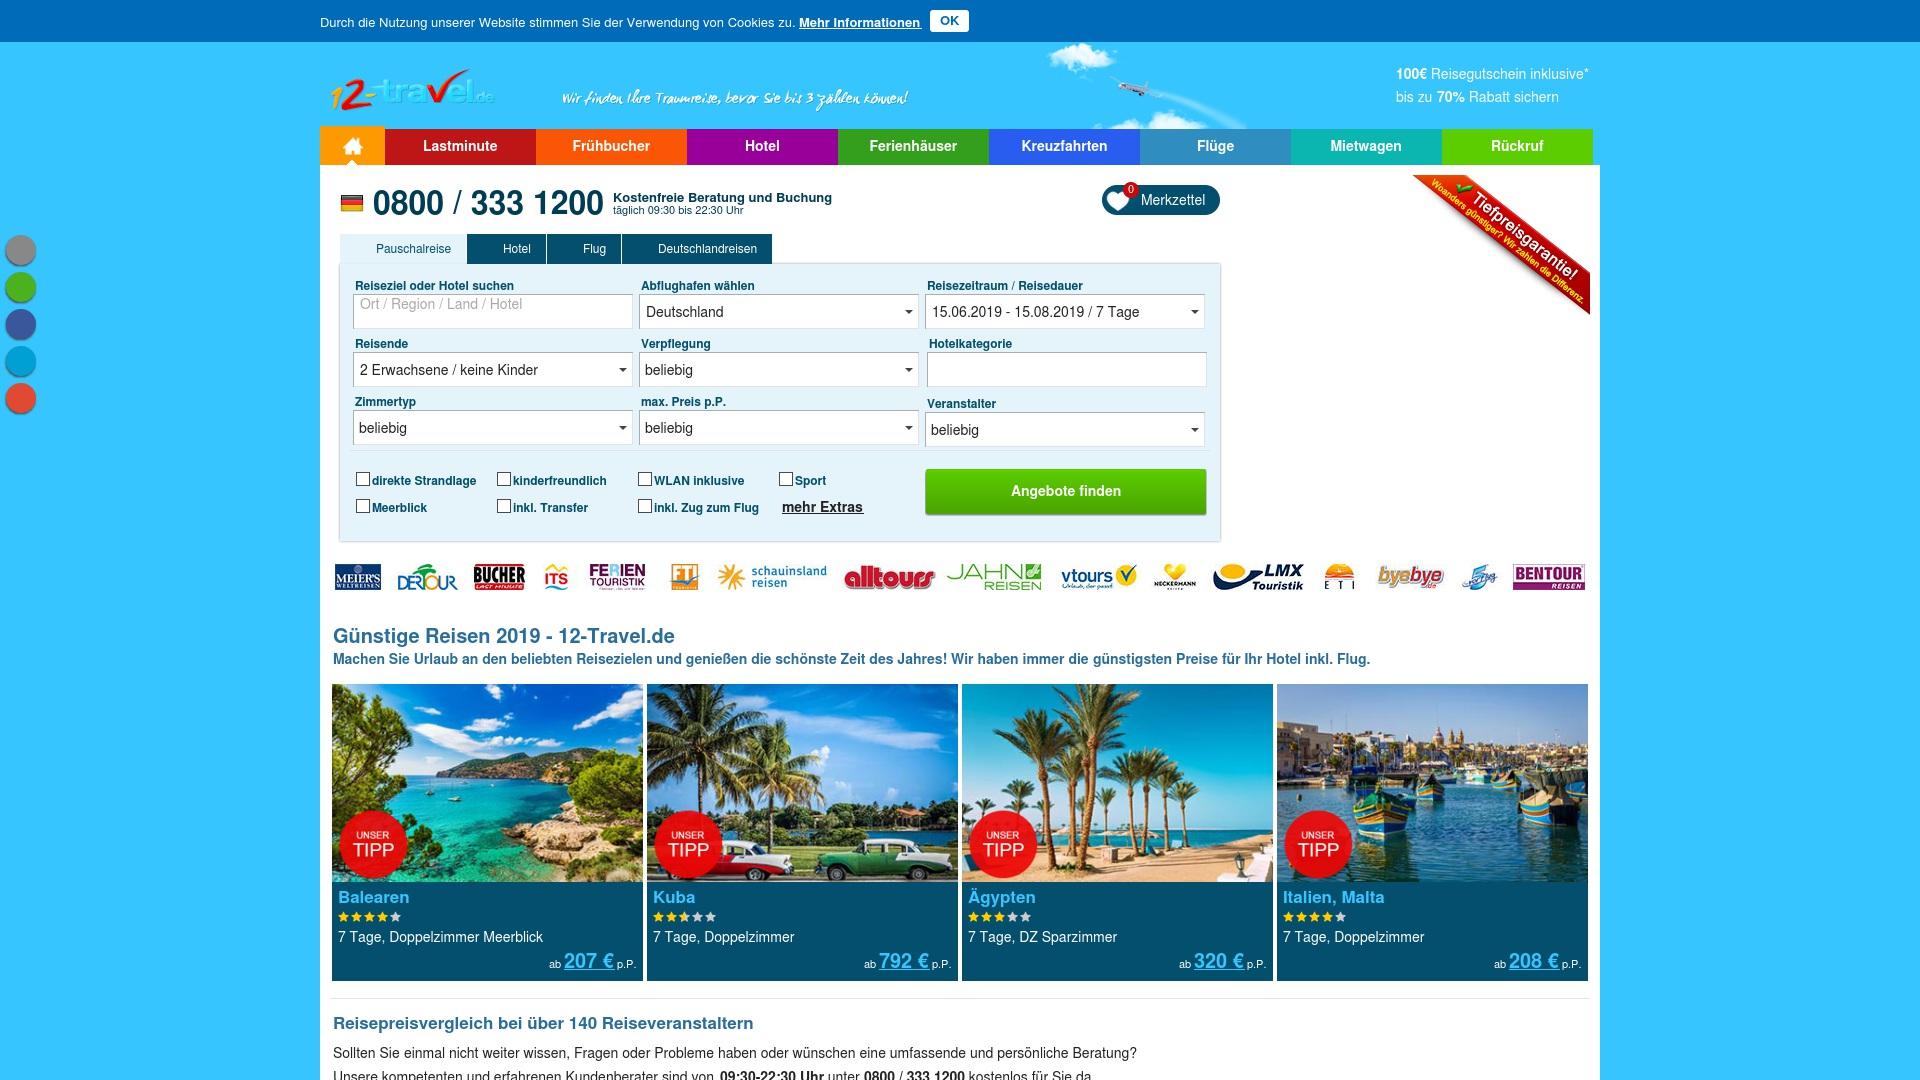 Gutschein für 12-travel: Rabatte für  12-travel sichern